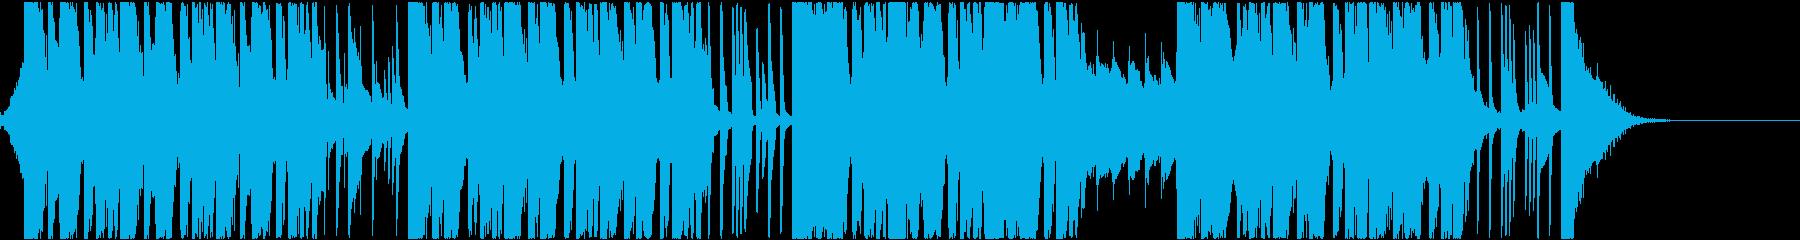 スピード感のあるダンサブルな曲の再生済みの波形